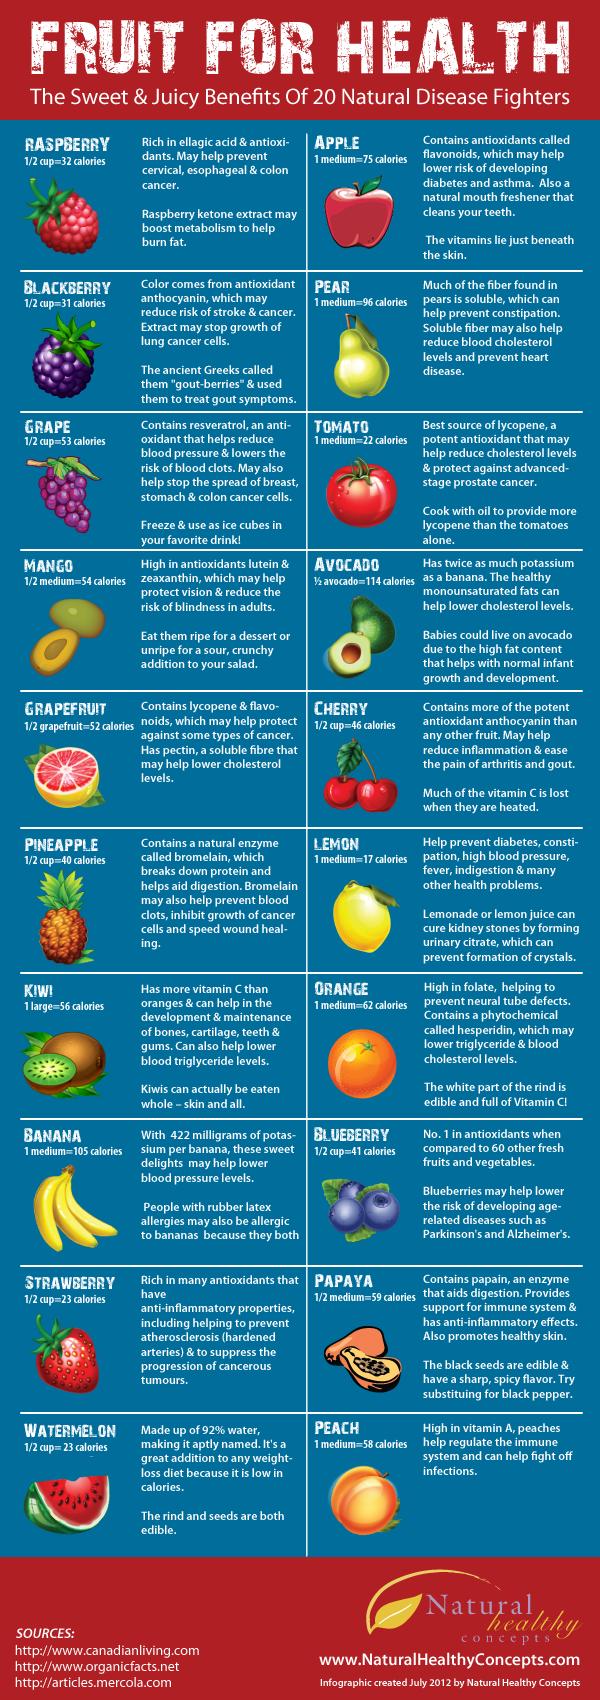 Infographie : les bénéfices des fruits et légumes